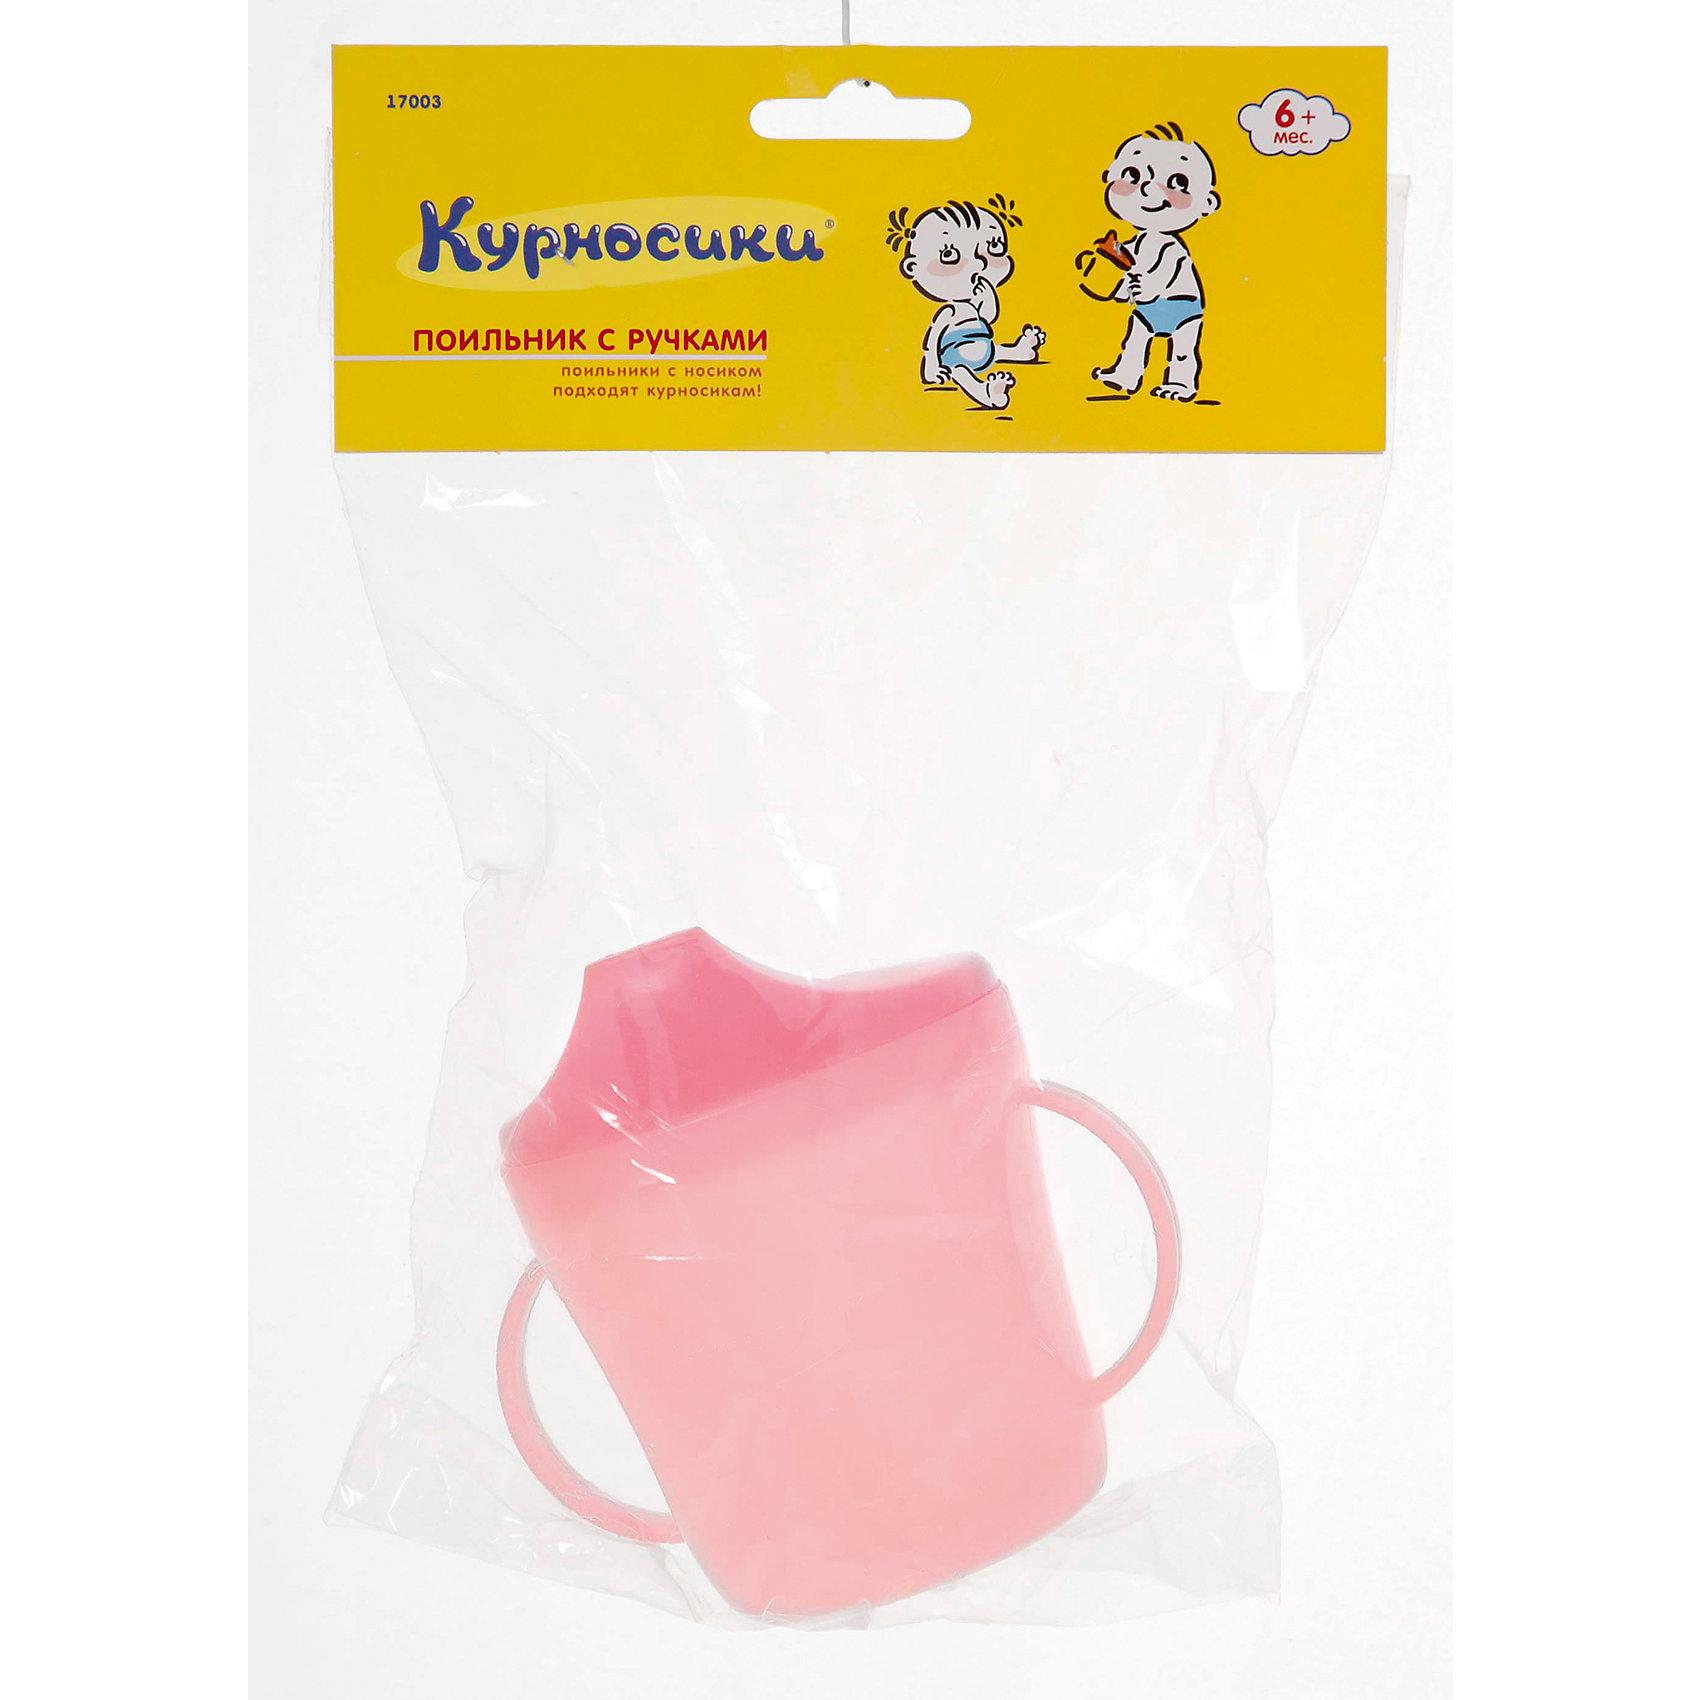 Курносики Поильник с ручками, 200мл, Kurnosiki, розовый